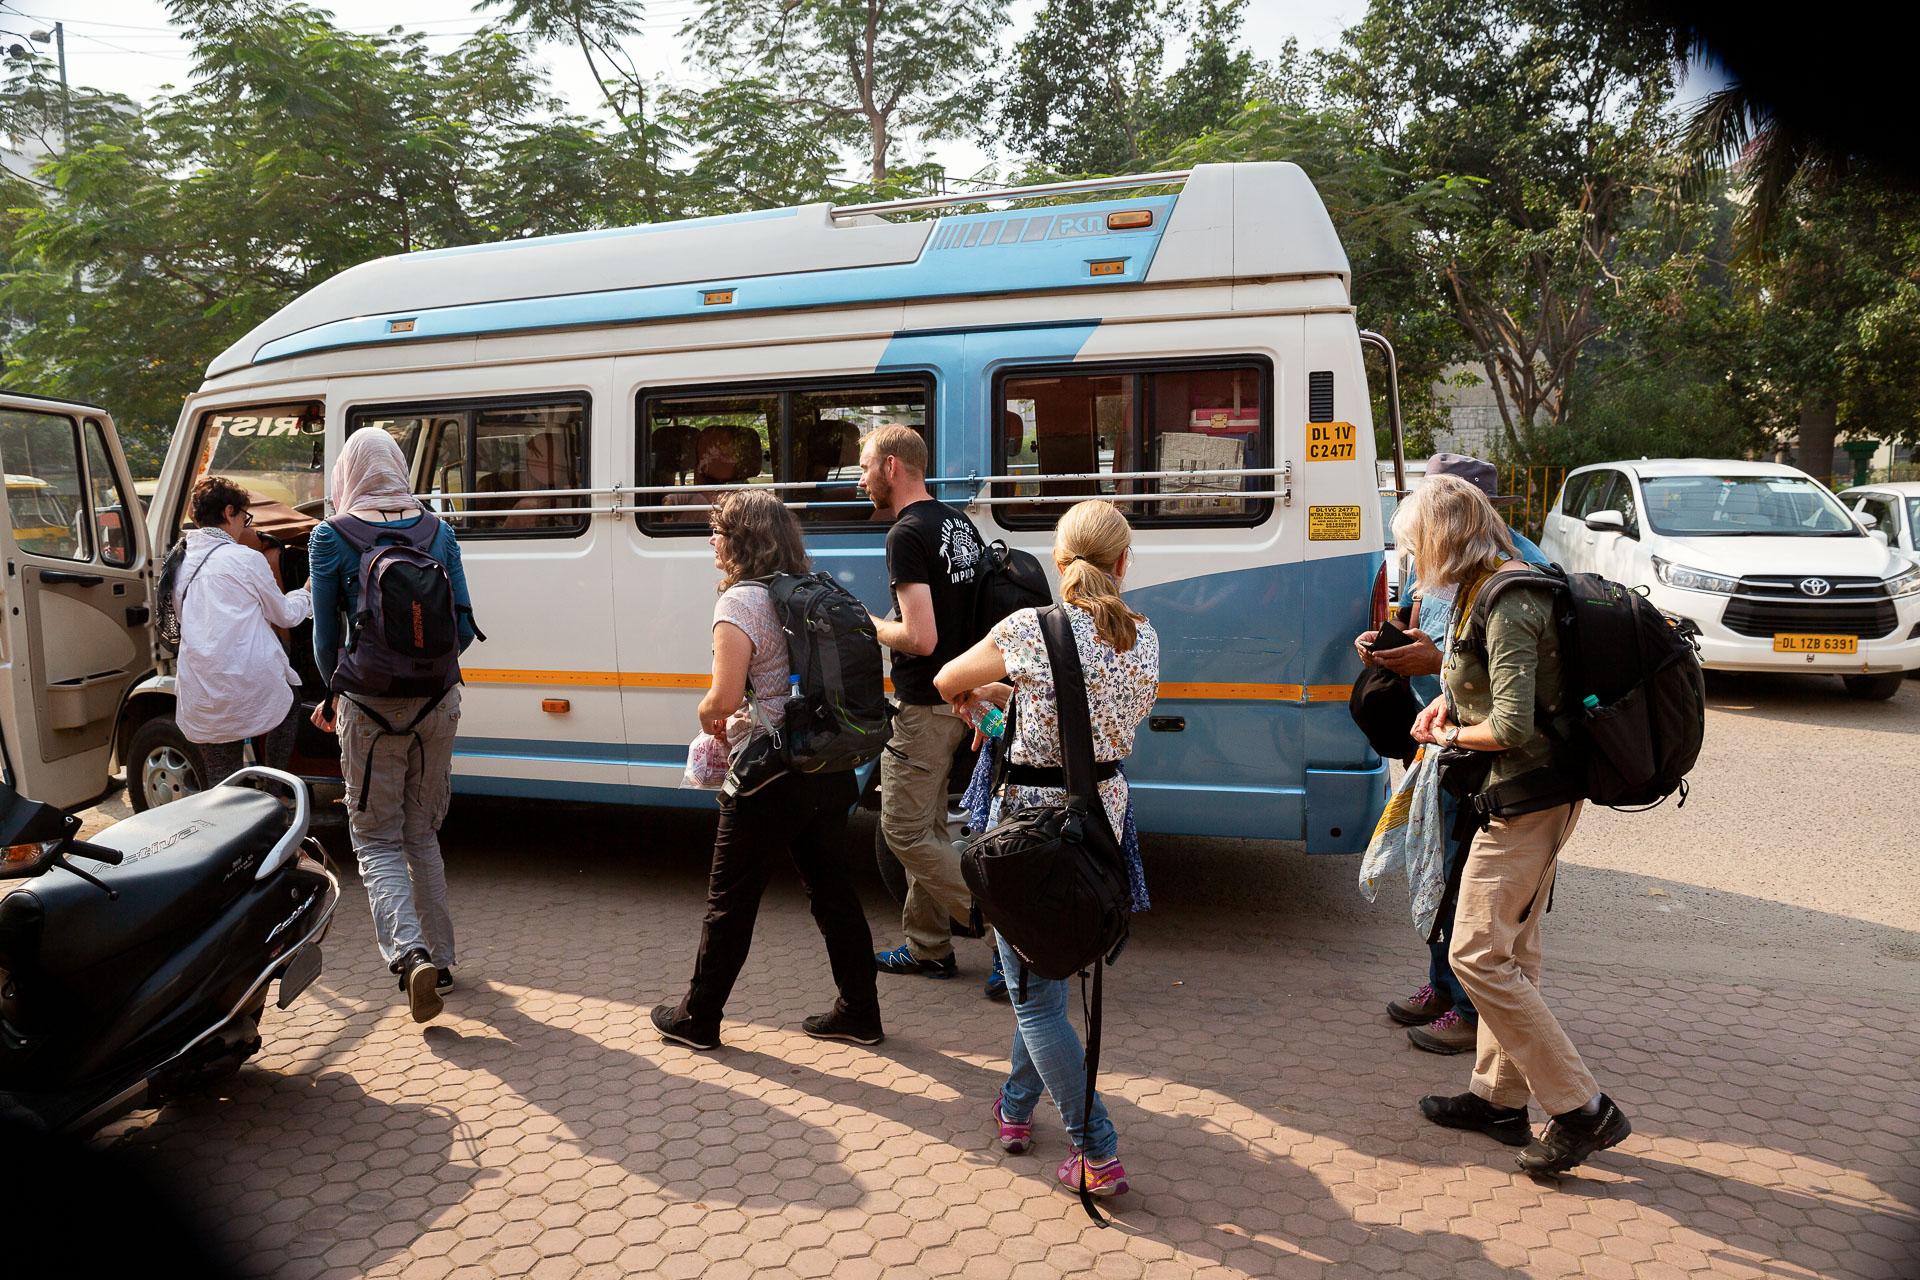 Fotostopp. Dieses Wort lernt jeder Fahrer unseres persönlichen Fotoreise-Busses am Schnellsten.